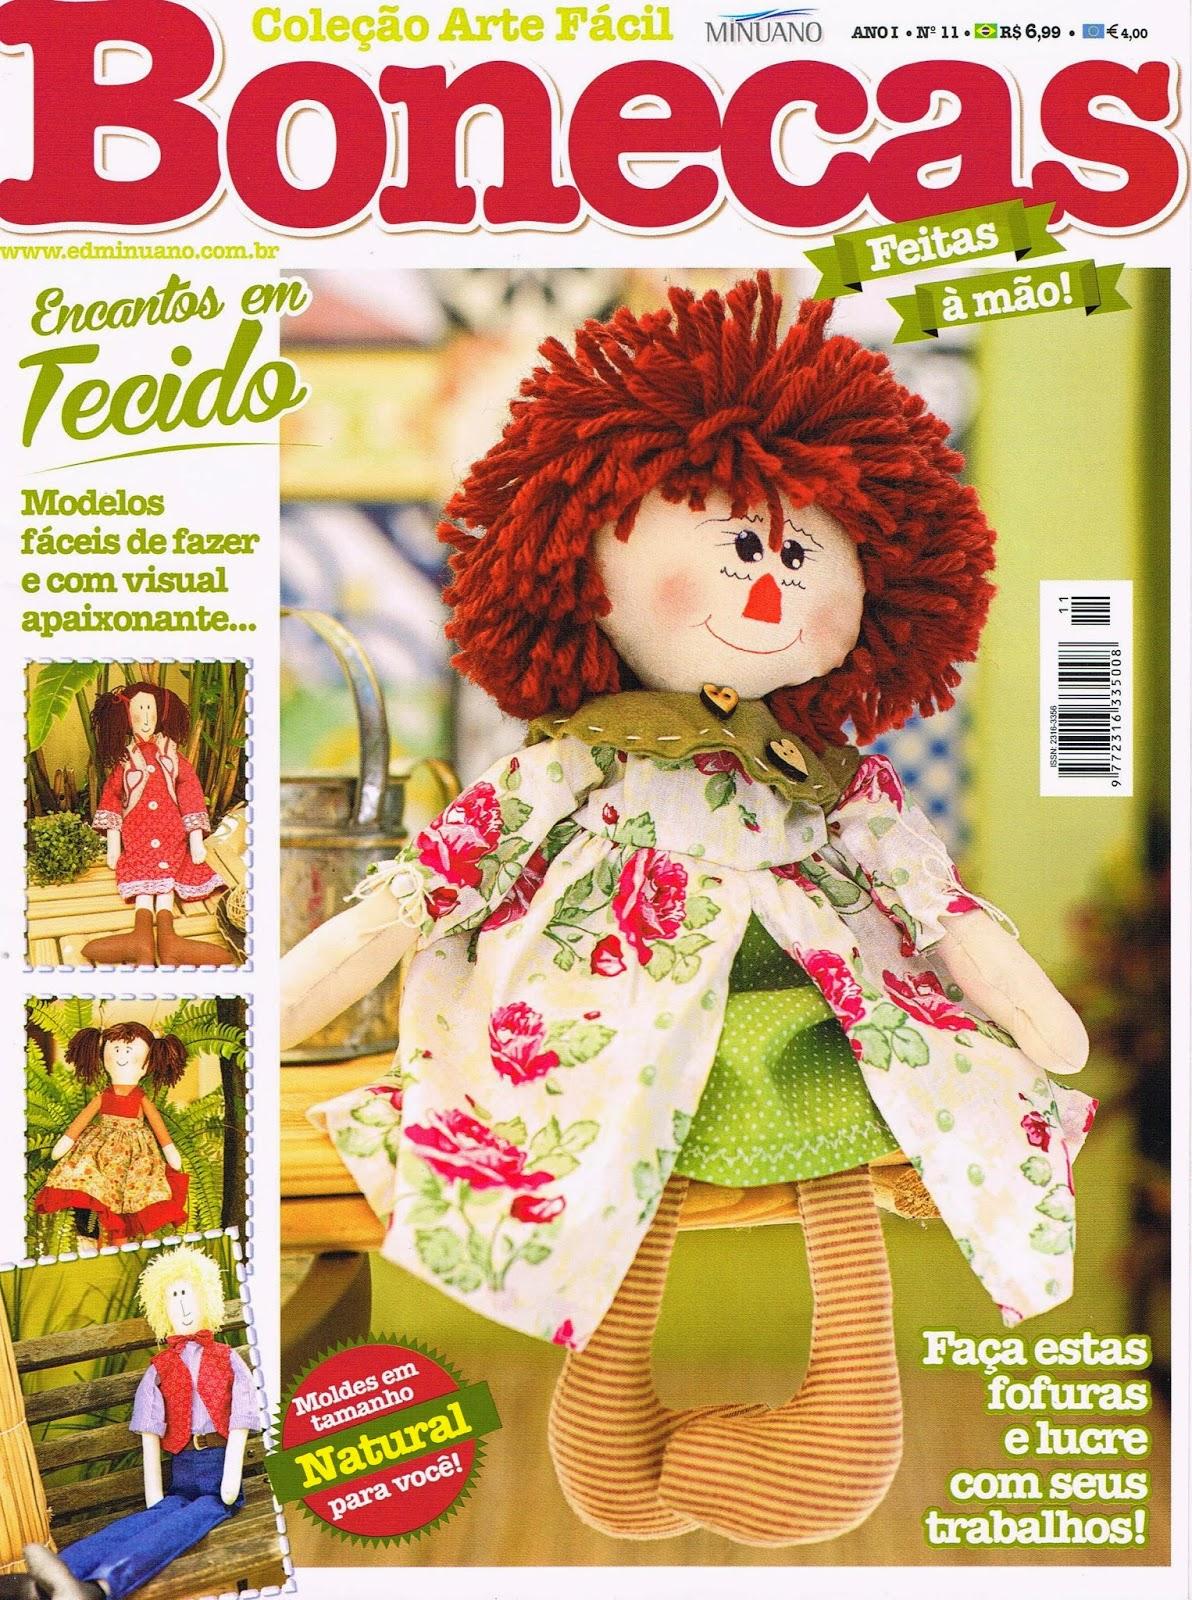 Revista Bonecas número 11 - Maria Adna publicou três bonecas nesta revista